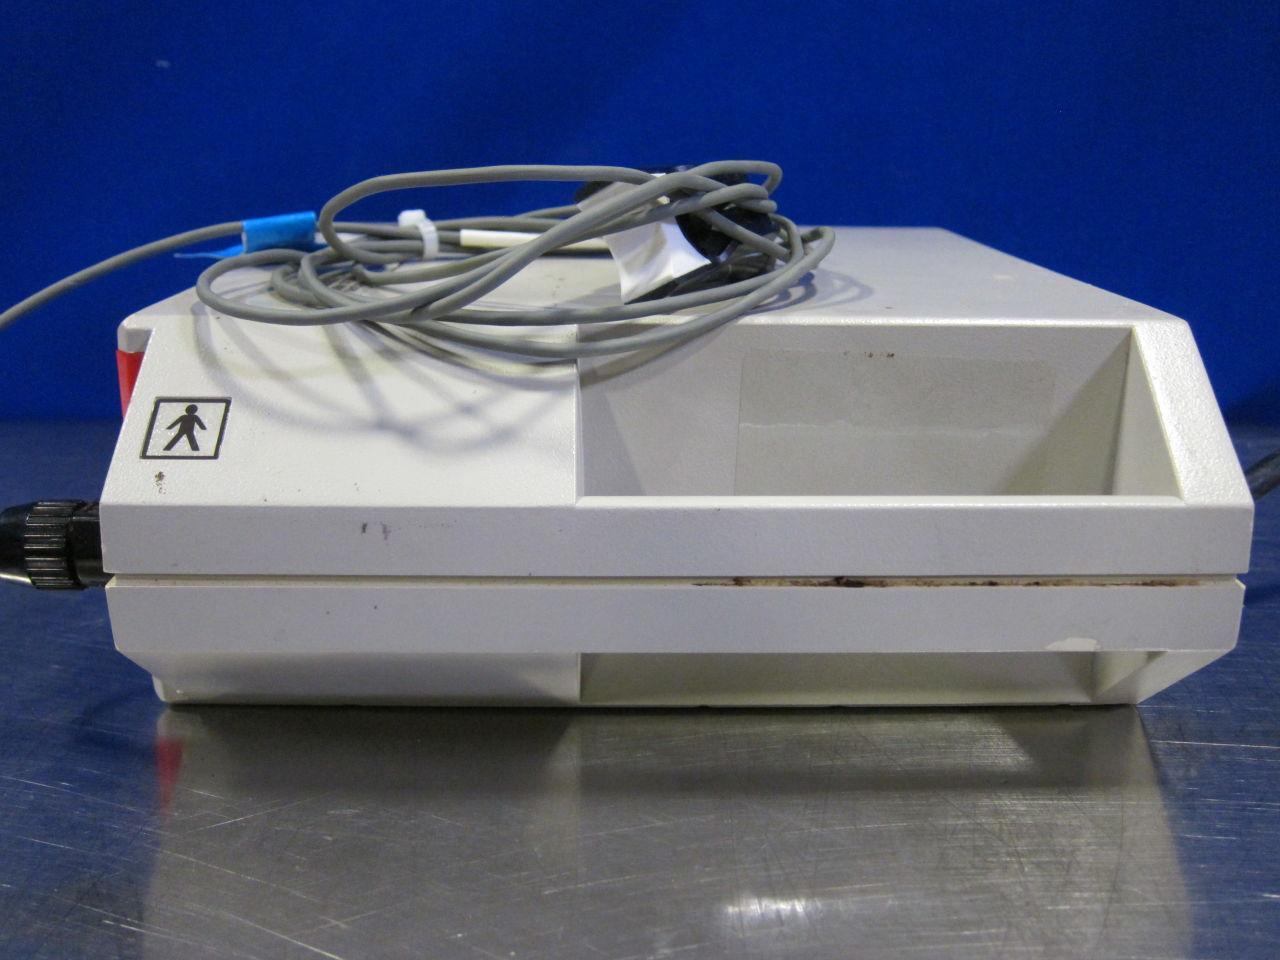 NOVAMETRIX 515A Oximeter - Pulse